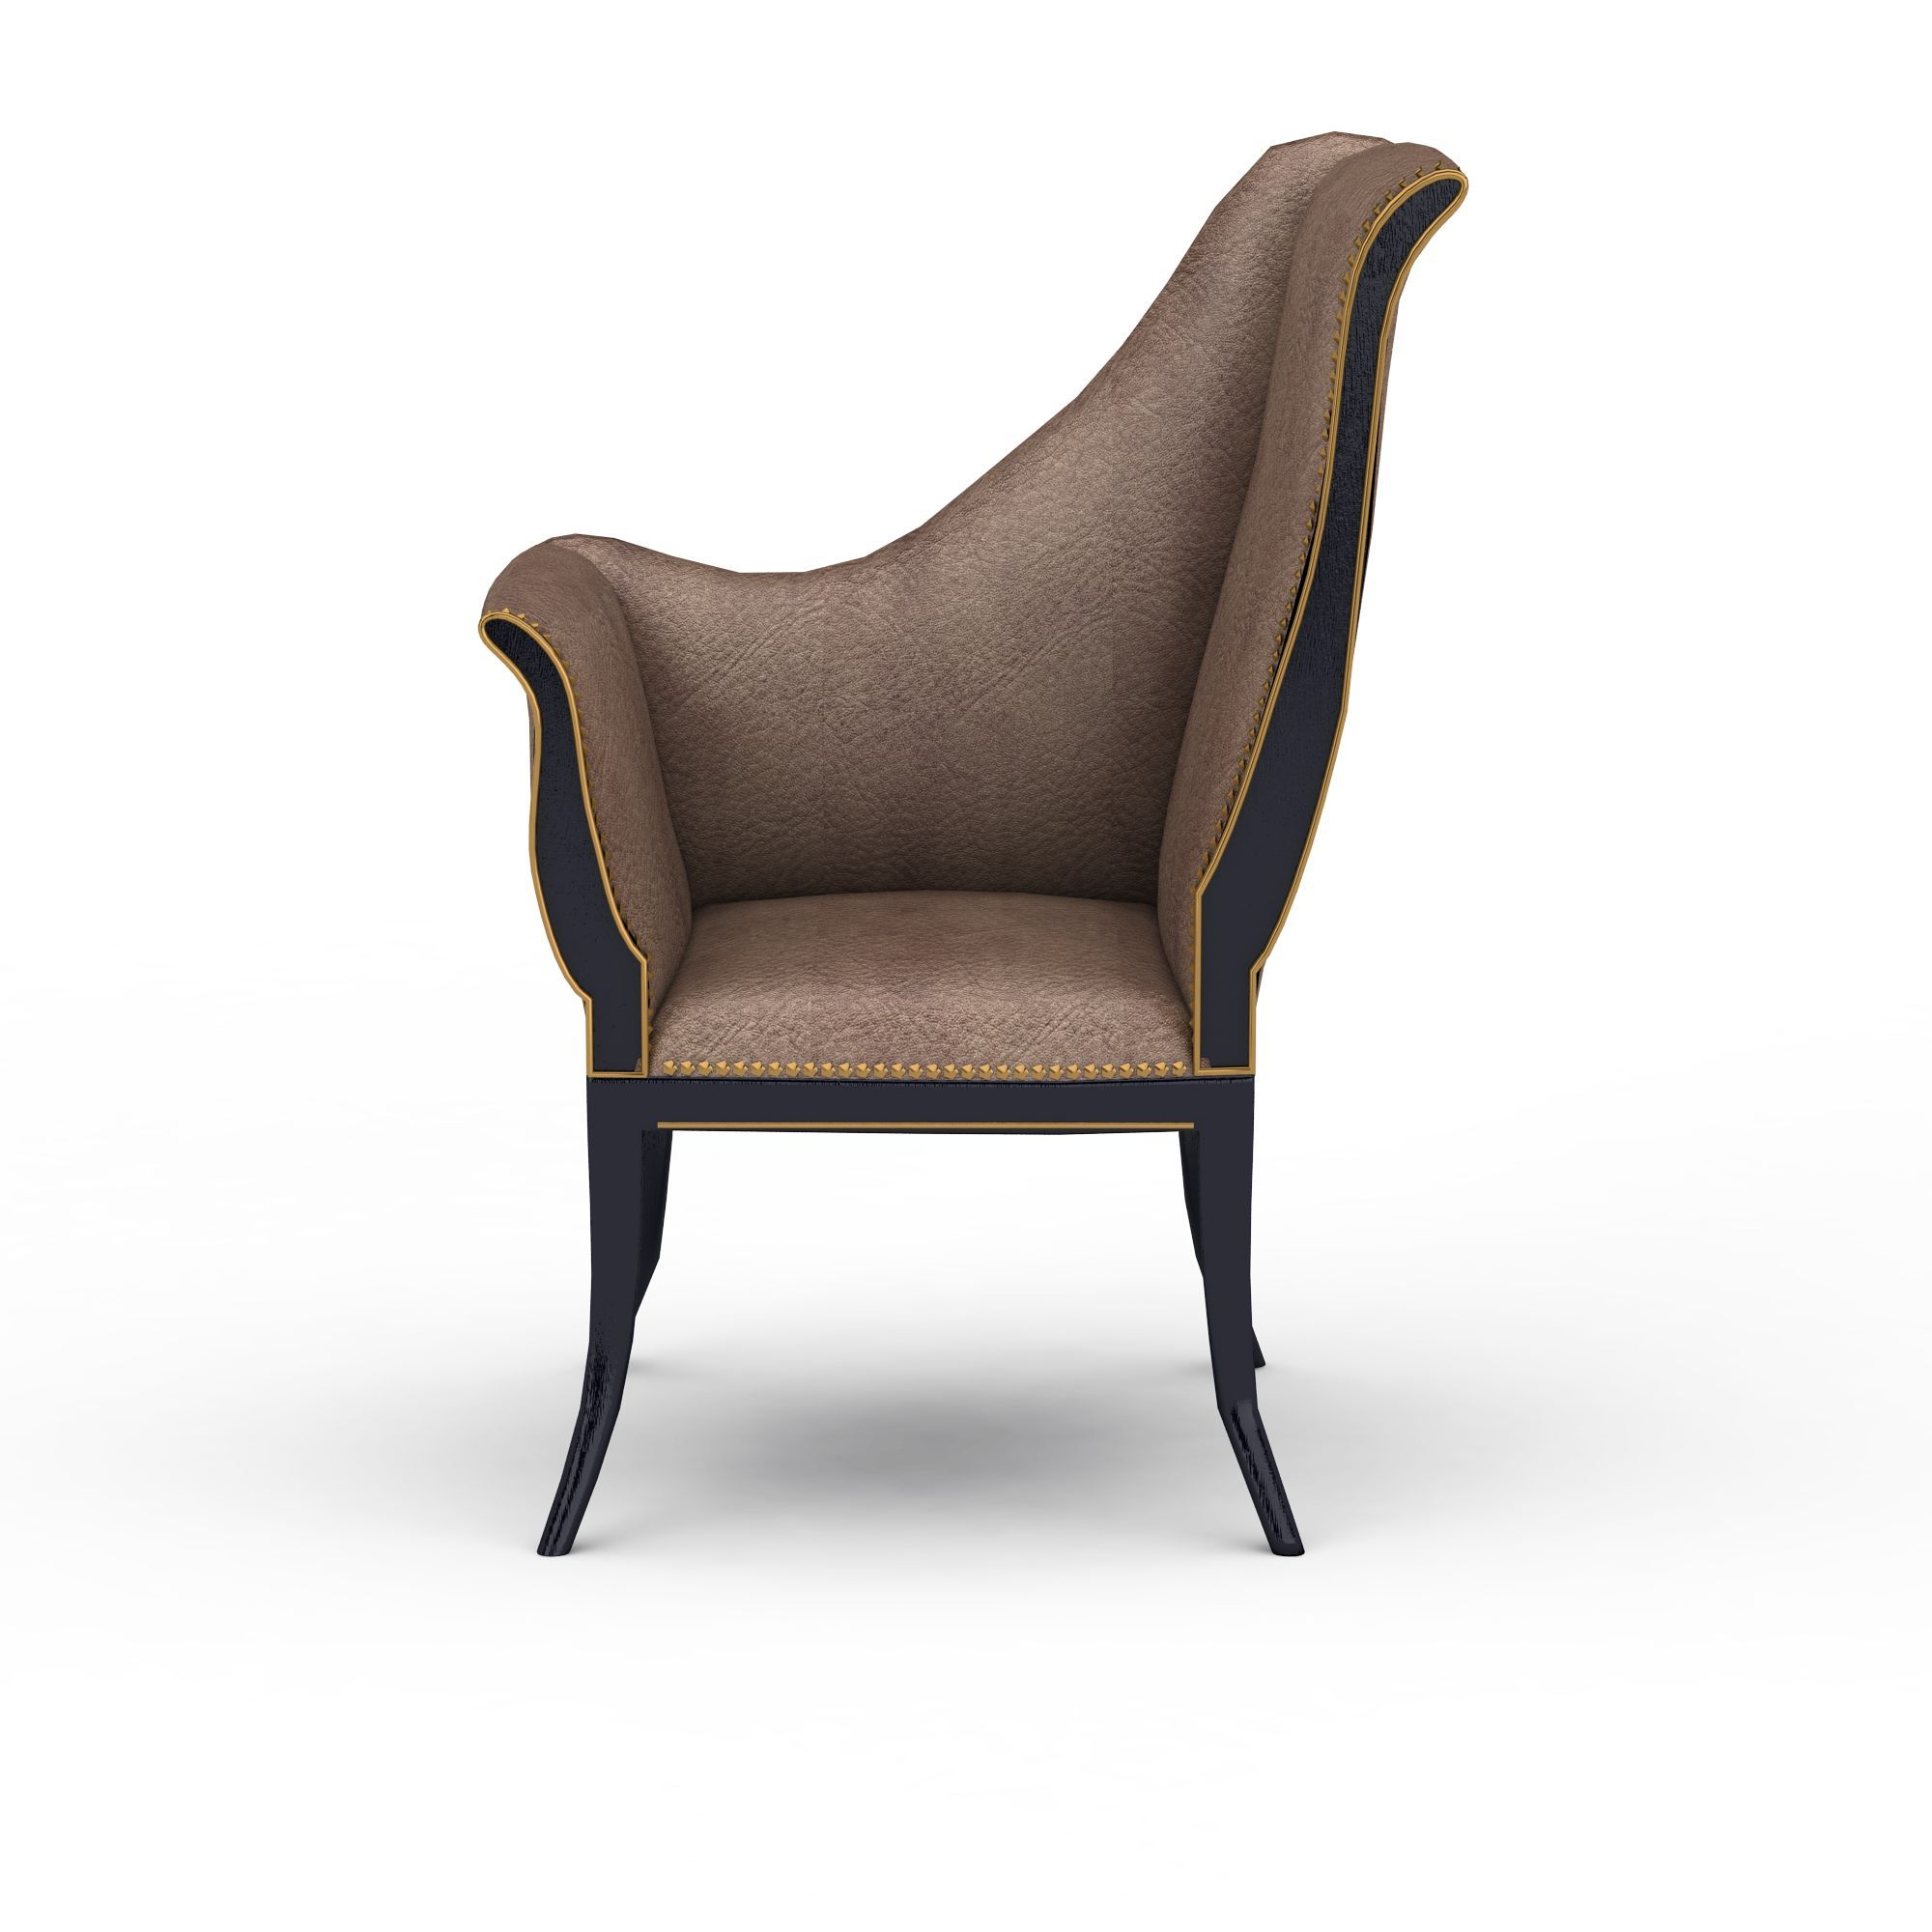 创意单人沙发图片_创意单人沙发png图片素材_创意单人